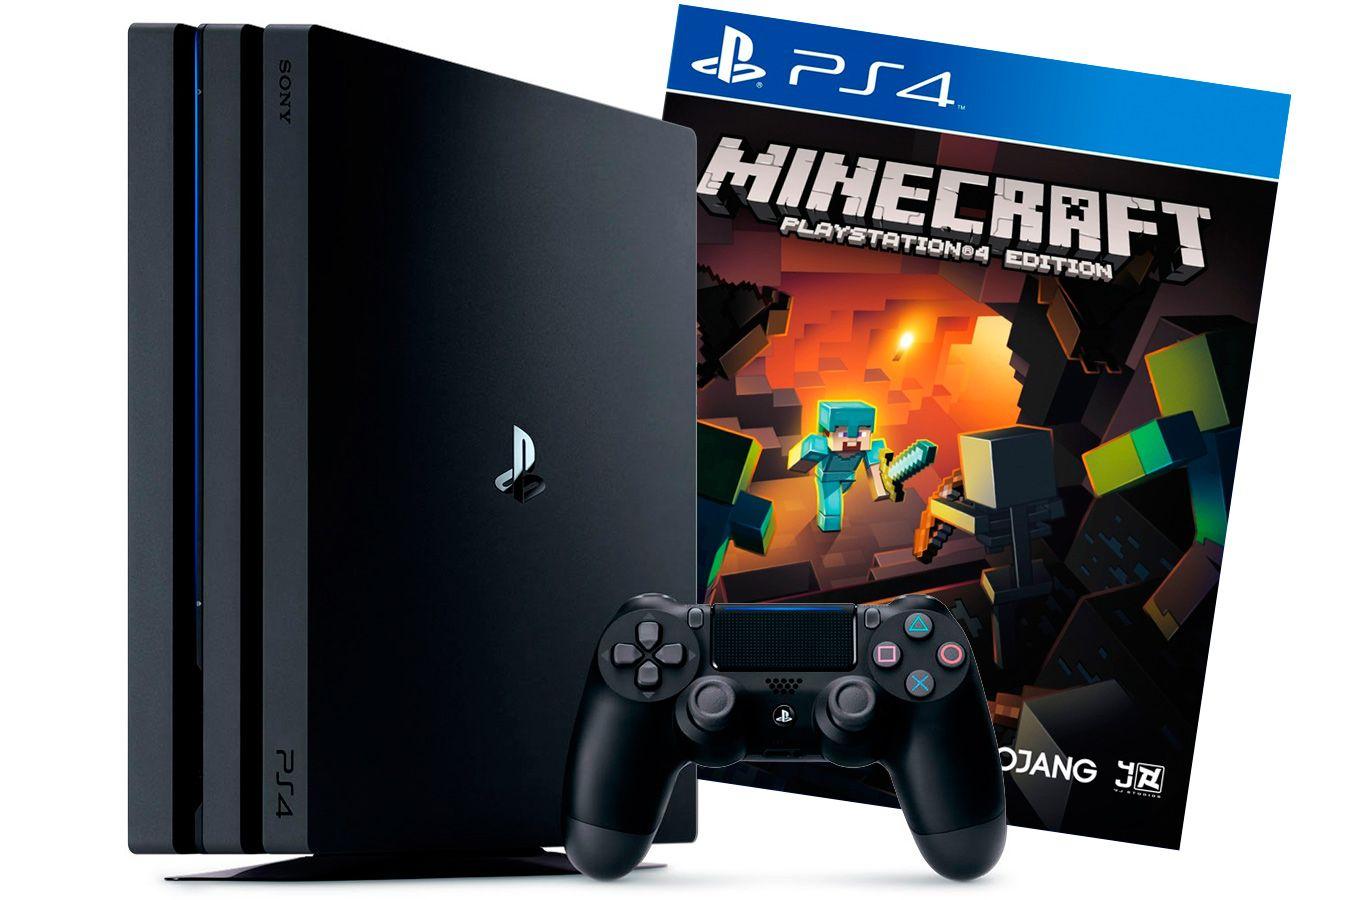 Playstation 4 Pro игровая приставка с игрой Minecraft купить в москве в интернет магазине по цене 41780 руб портагейм ру